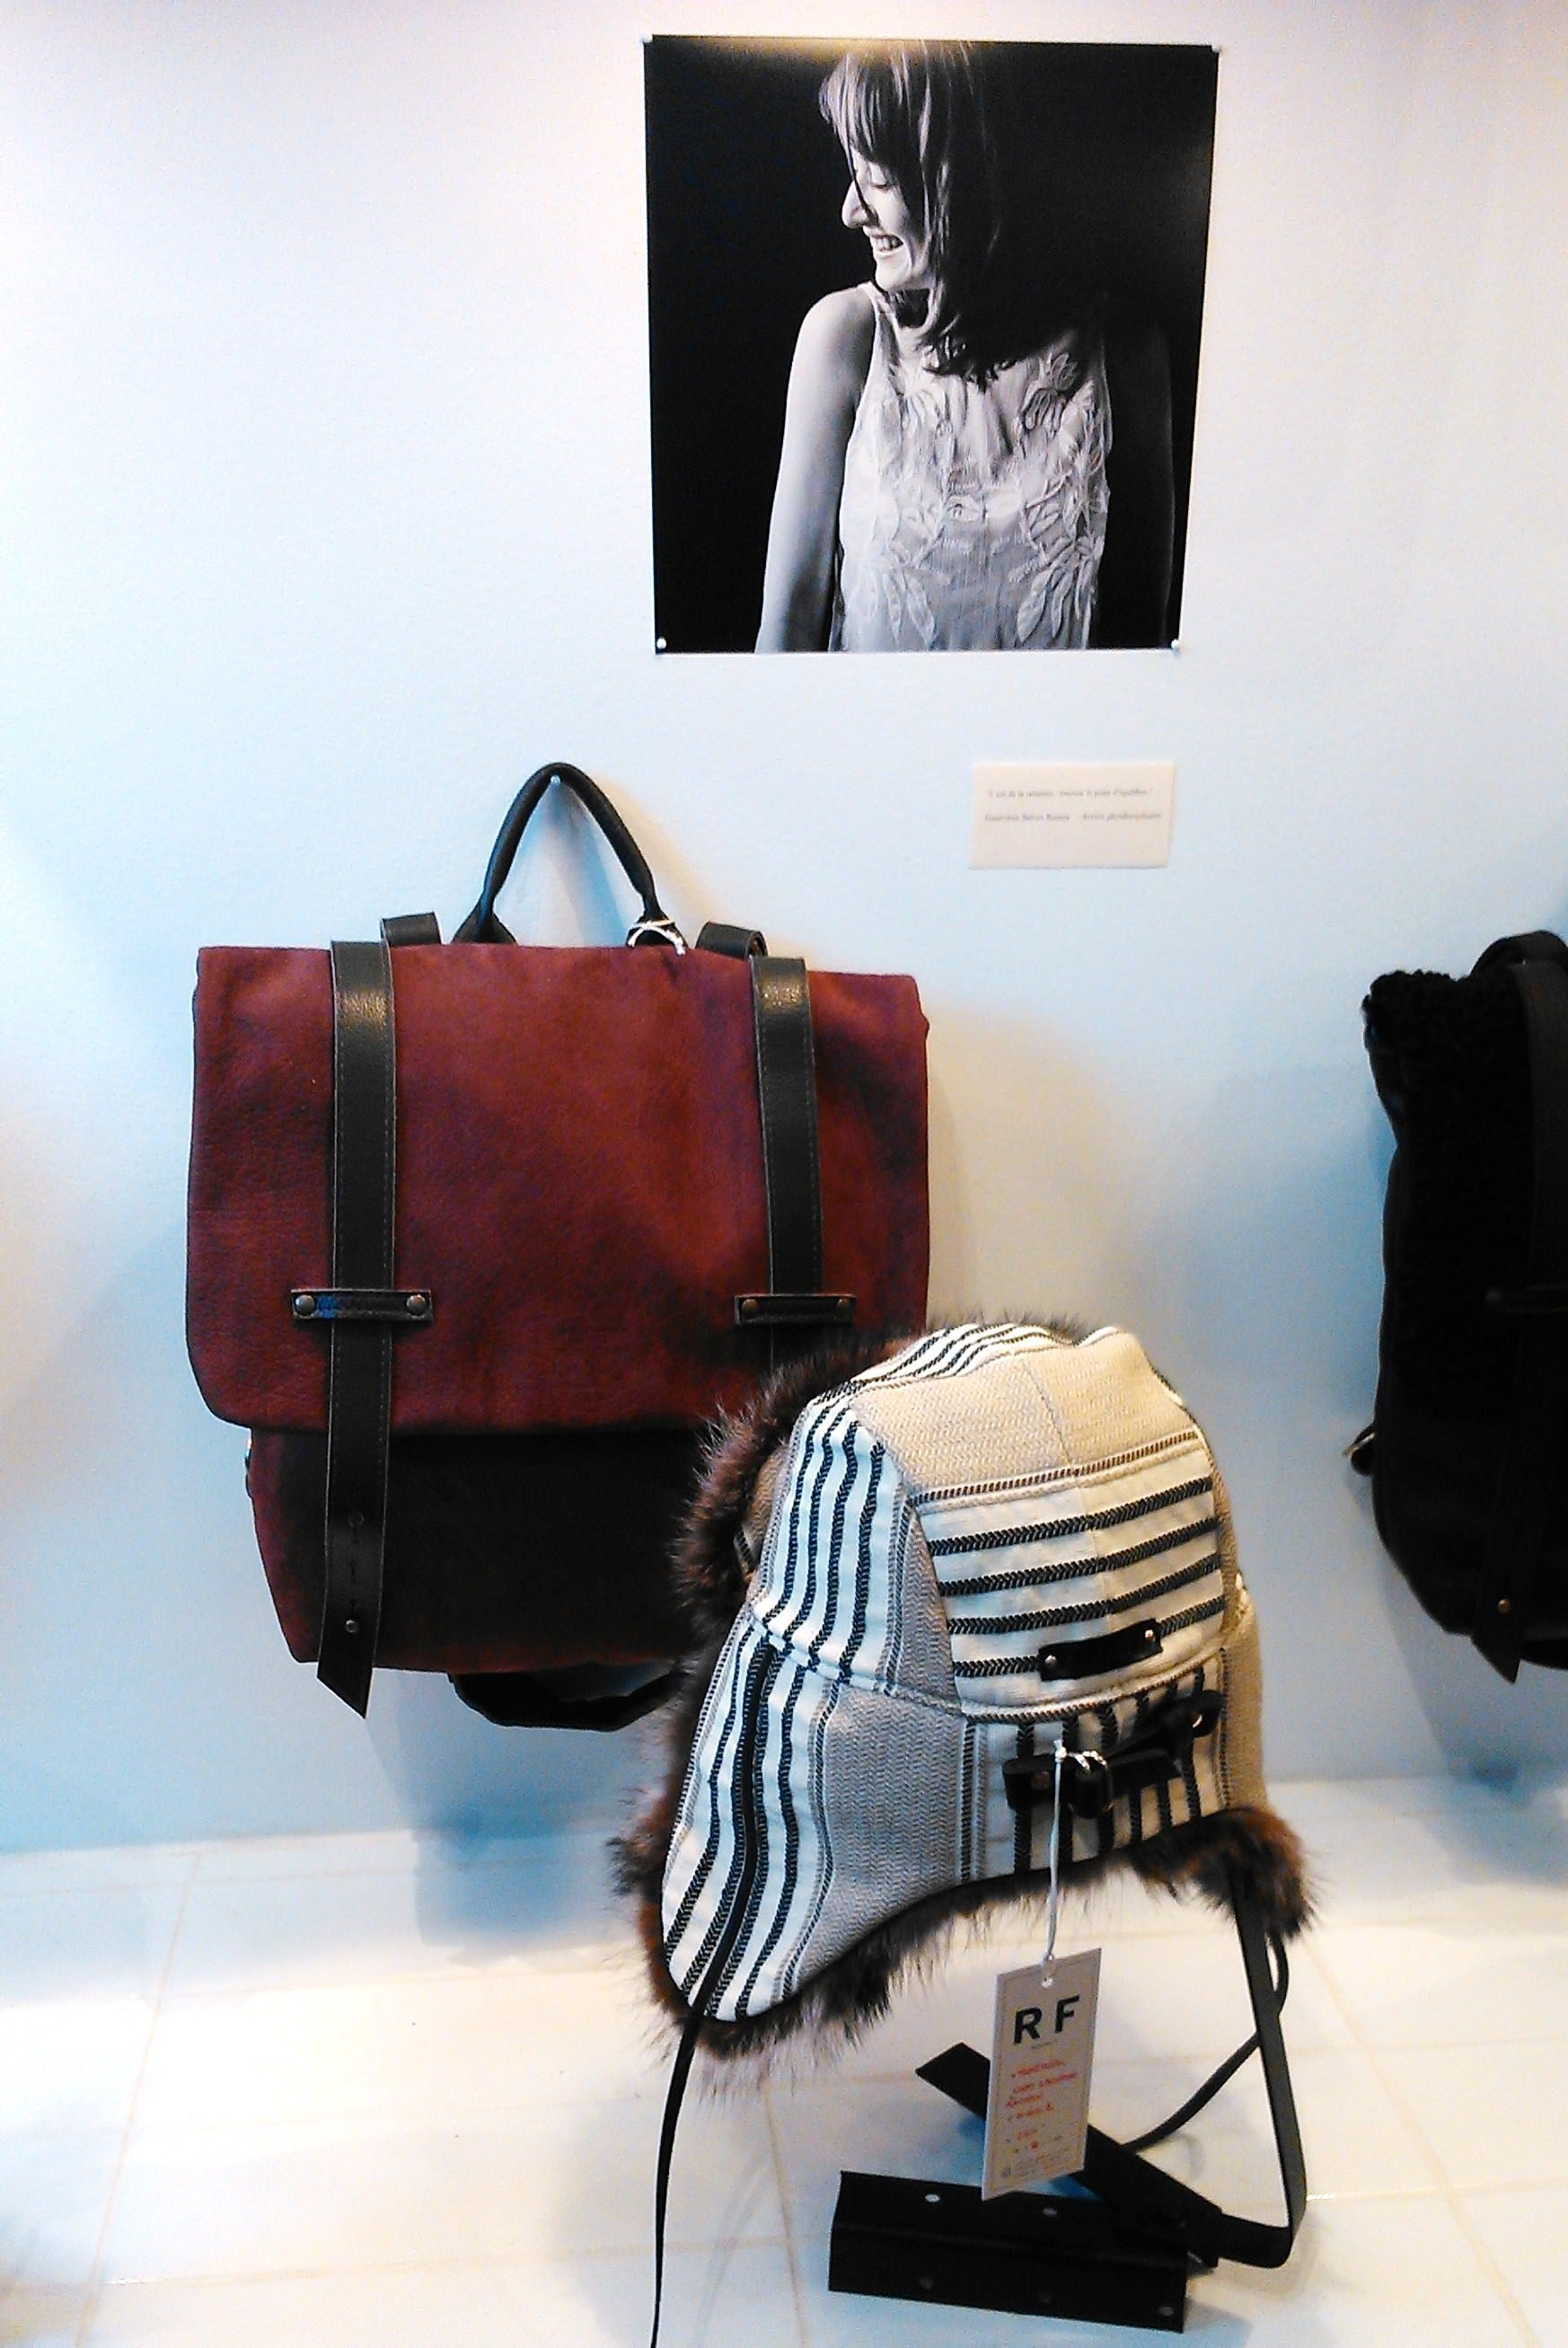 La section des sacs à dos et chapeaux: épurée, et accompagnée de superbes portraits en noir et blanc.